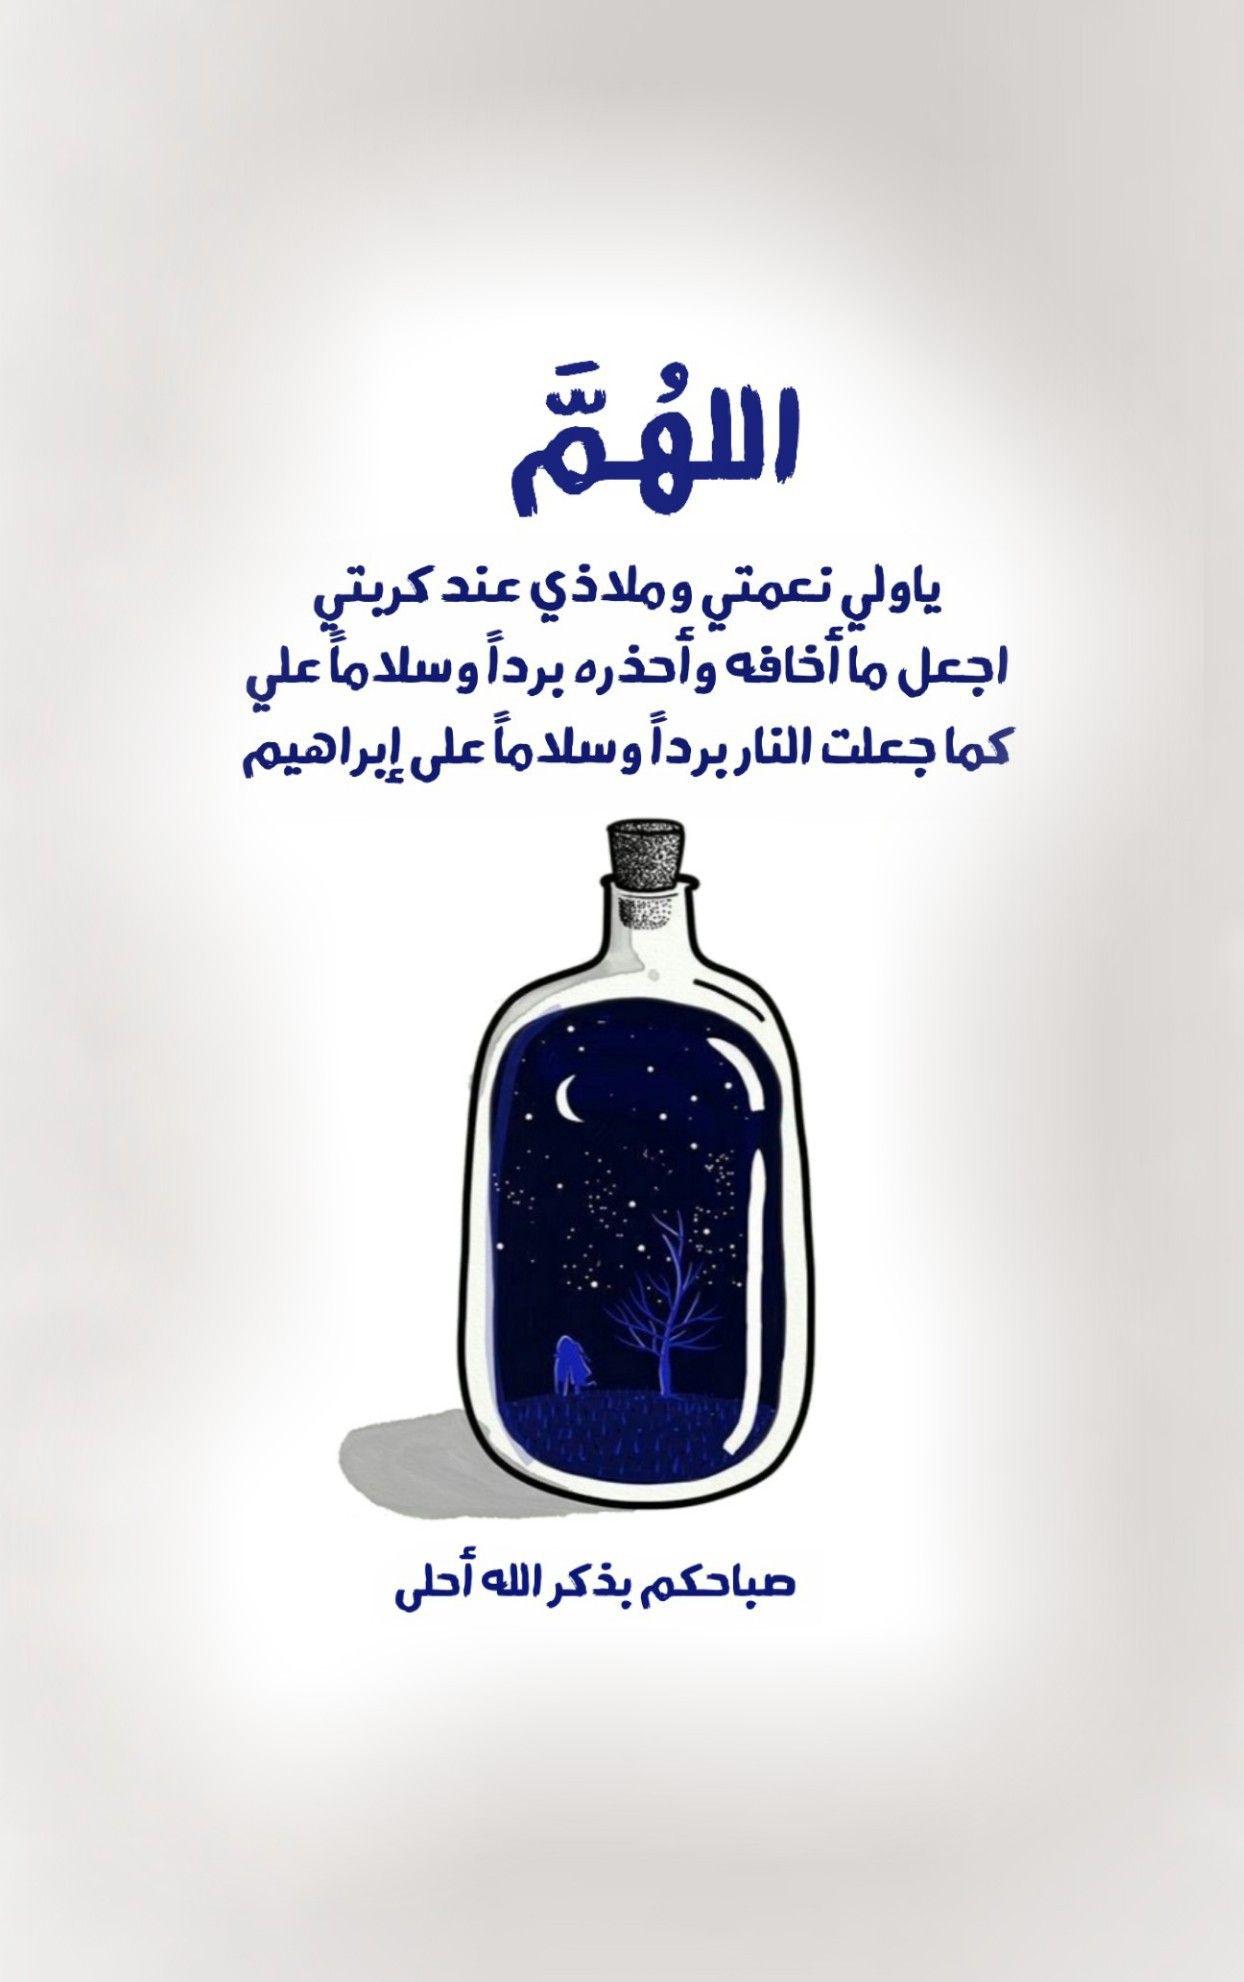 اللـه ــم ياولي نعمتي وملاذي عند كربتي اجعل ما أخافه وأحذره بردا وسلاما علي كما جعلت النار بردا وسلاما Quran Quotes Love Islamic Quotes Quran Quotes